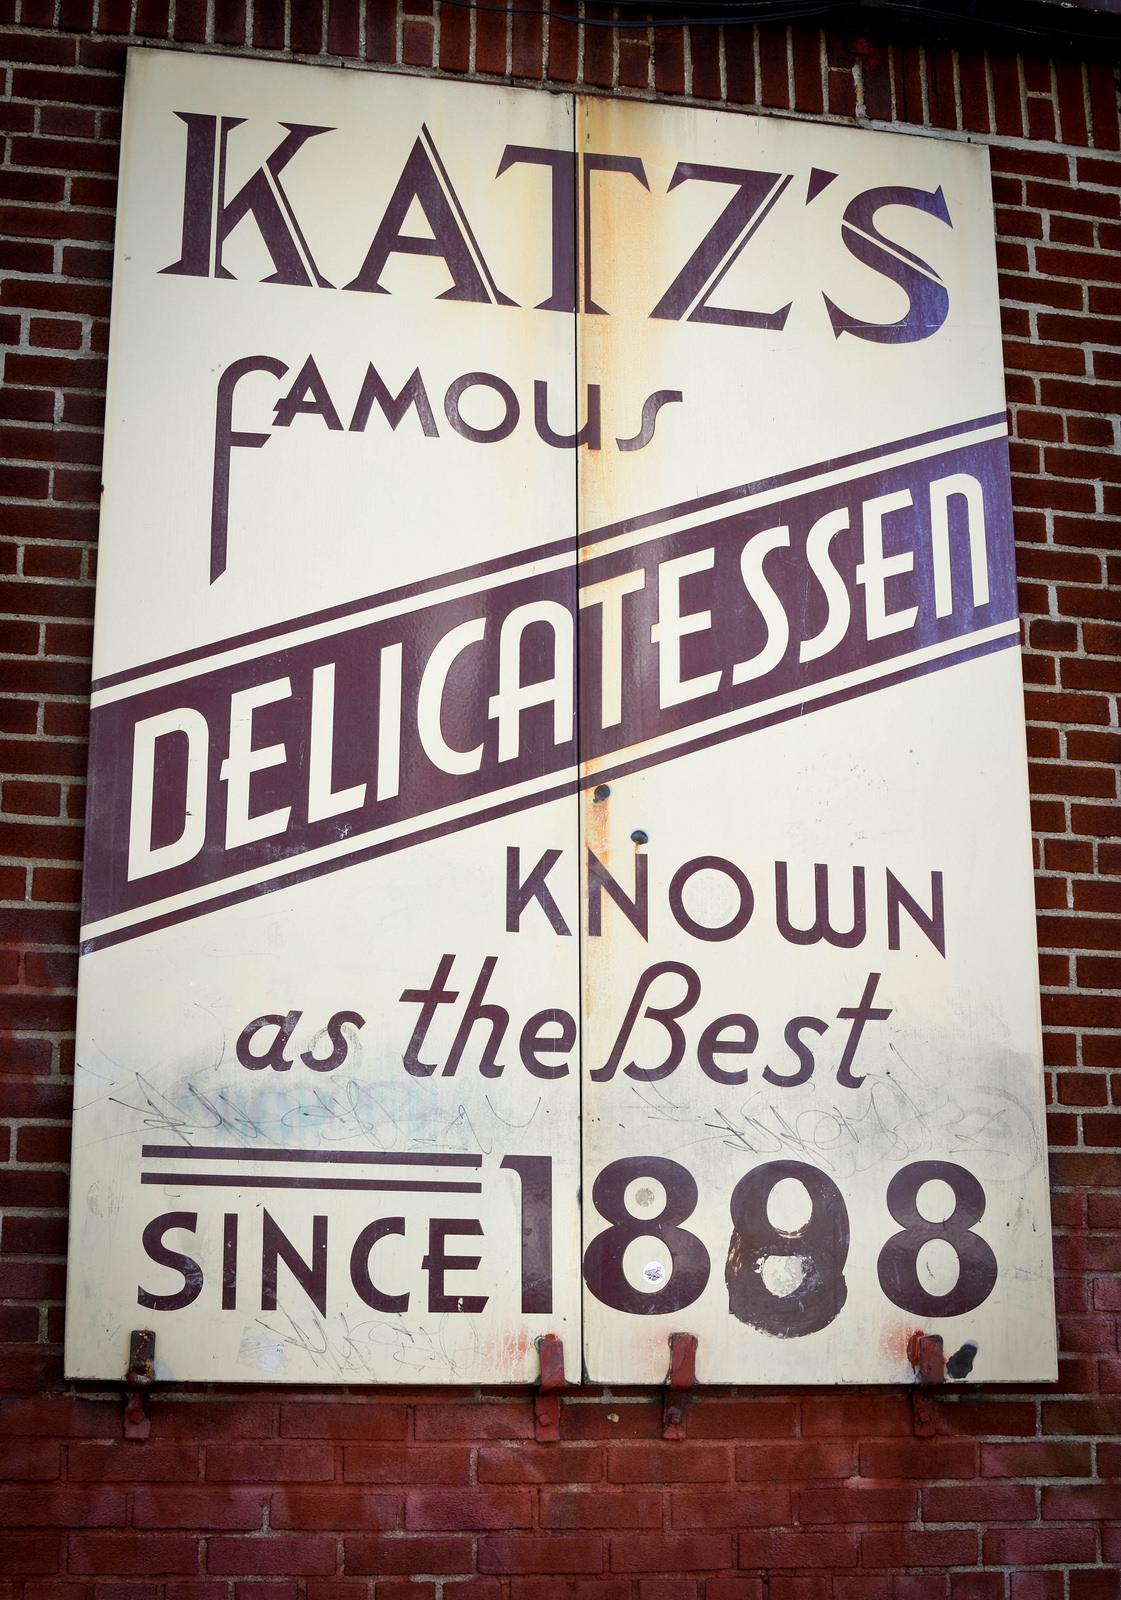 Katz's delicatessen, new york